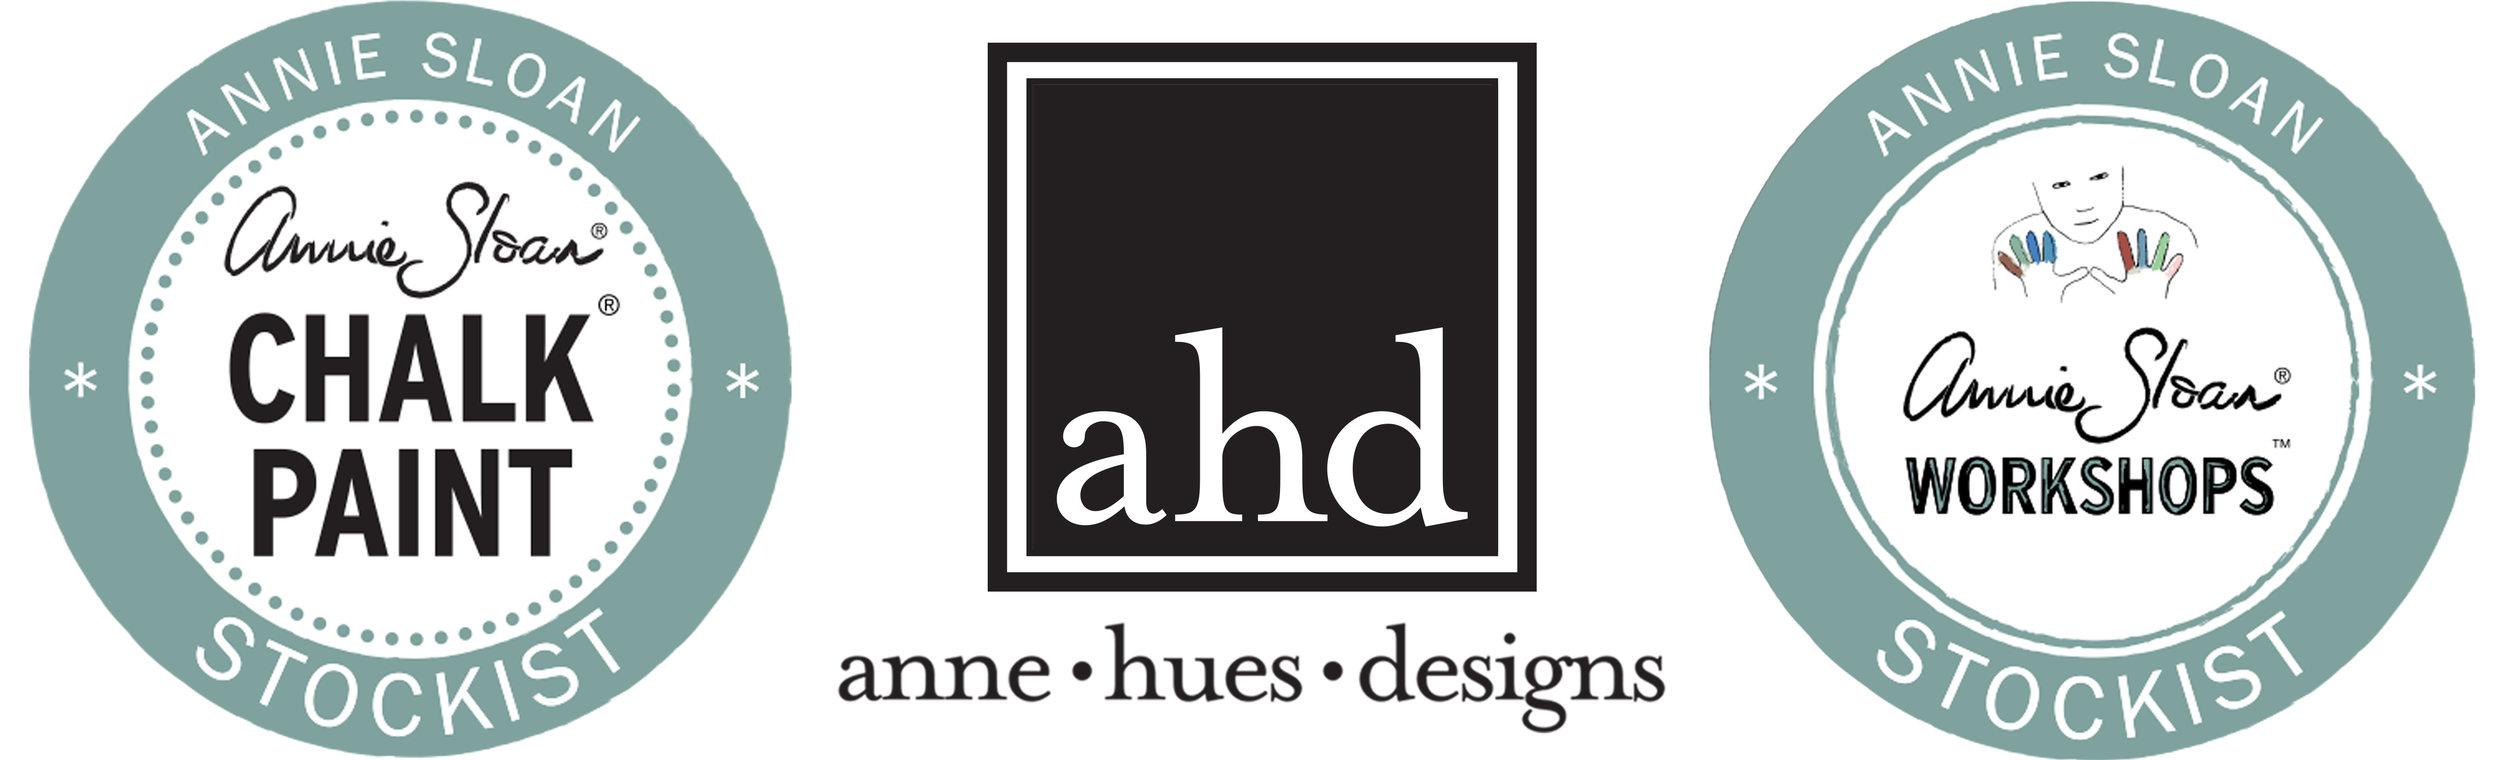 anne•hues•designs logo banner